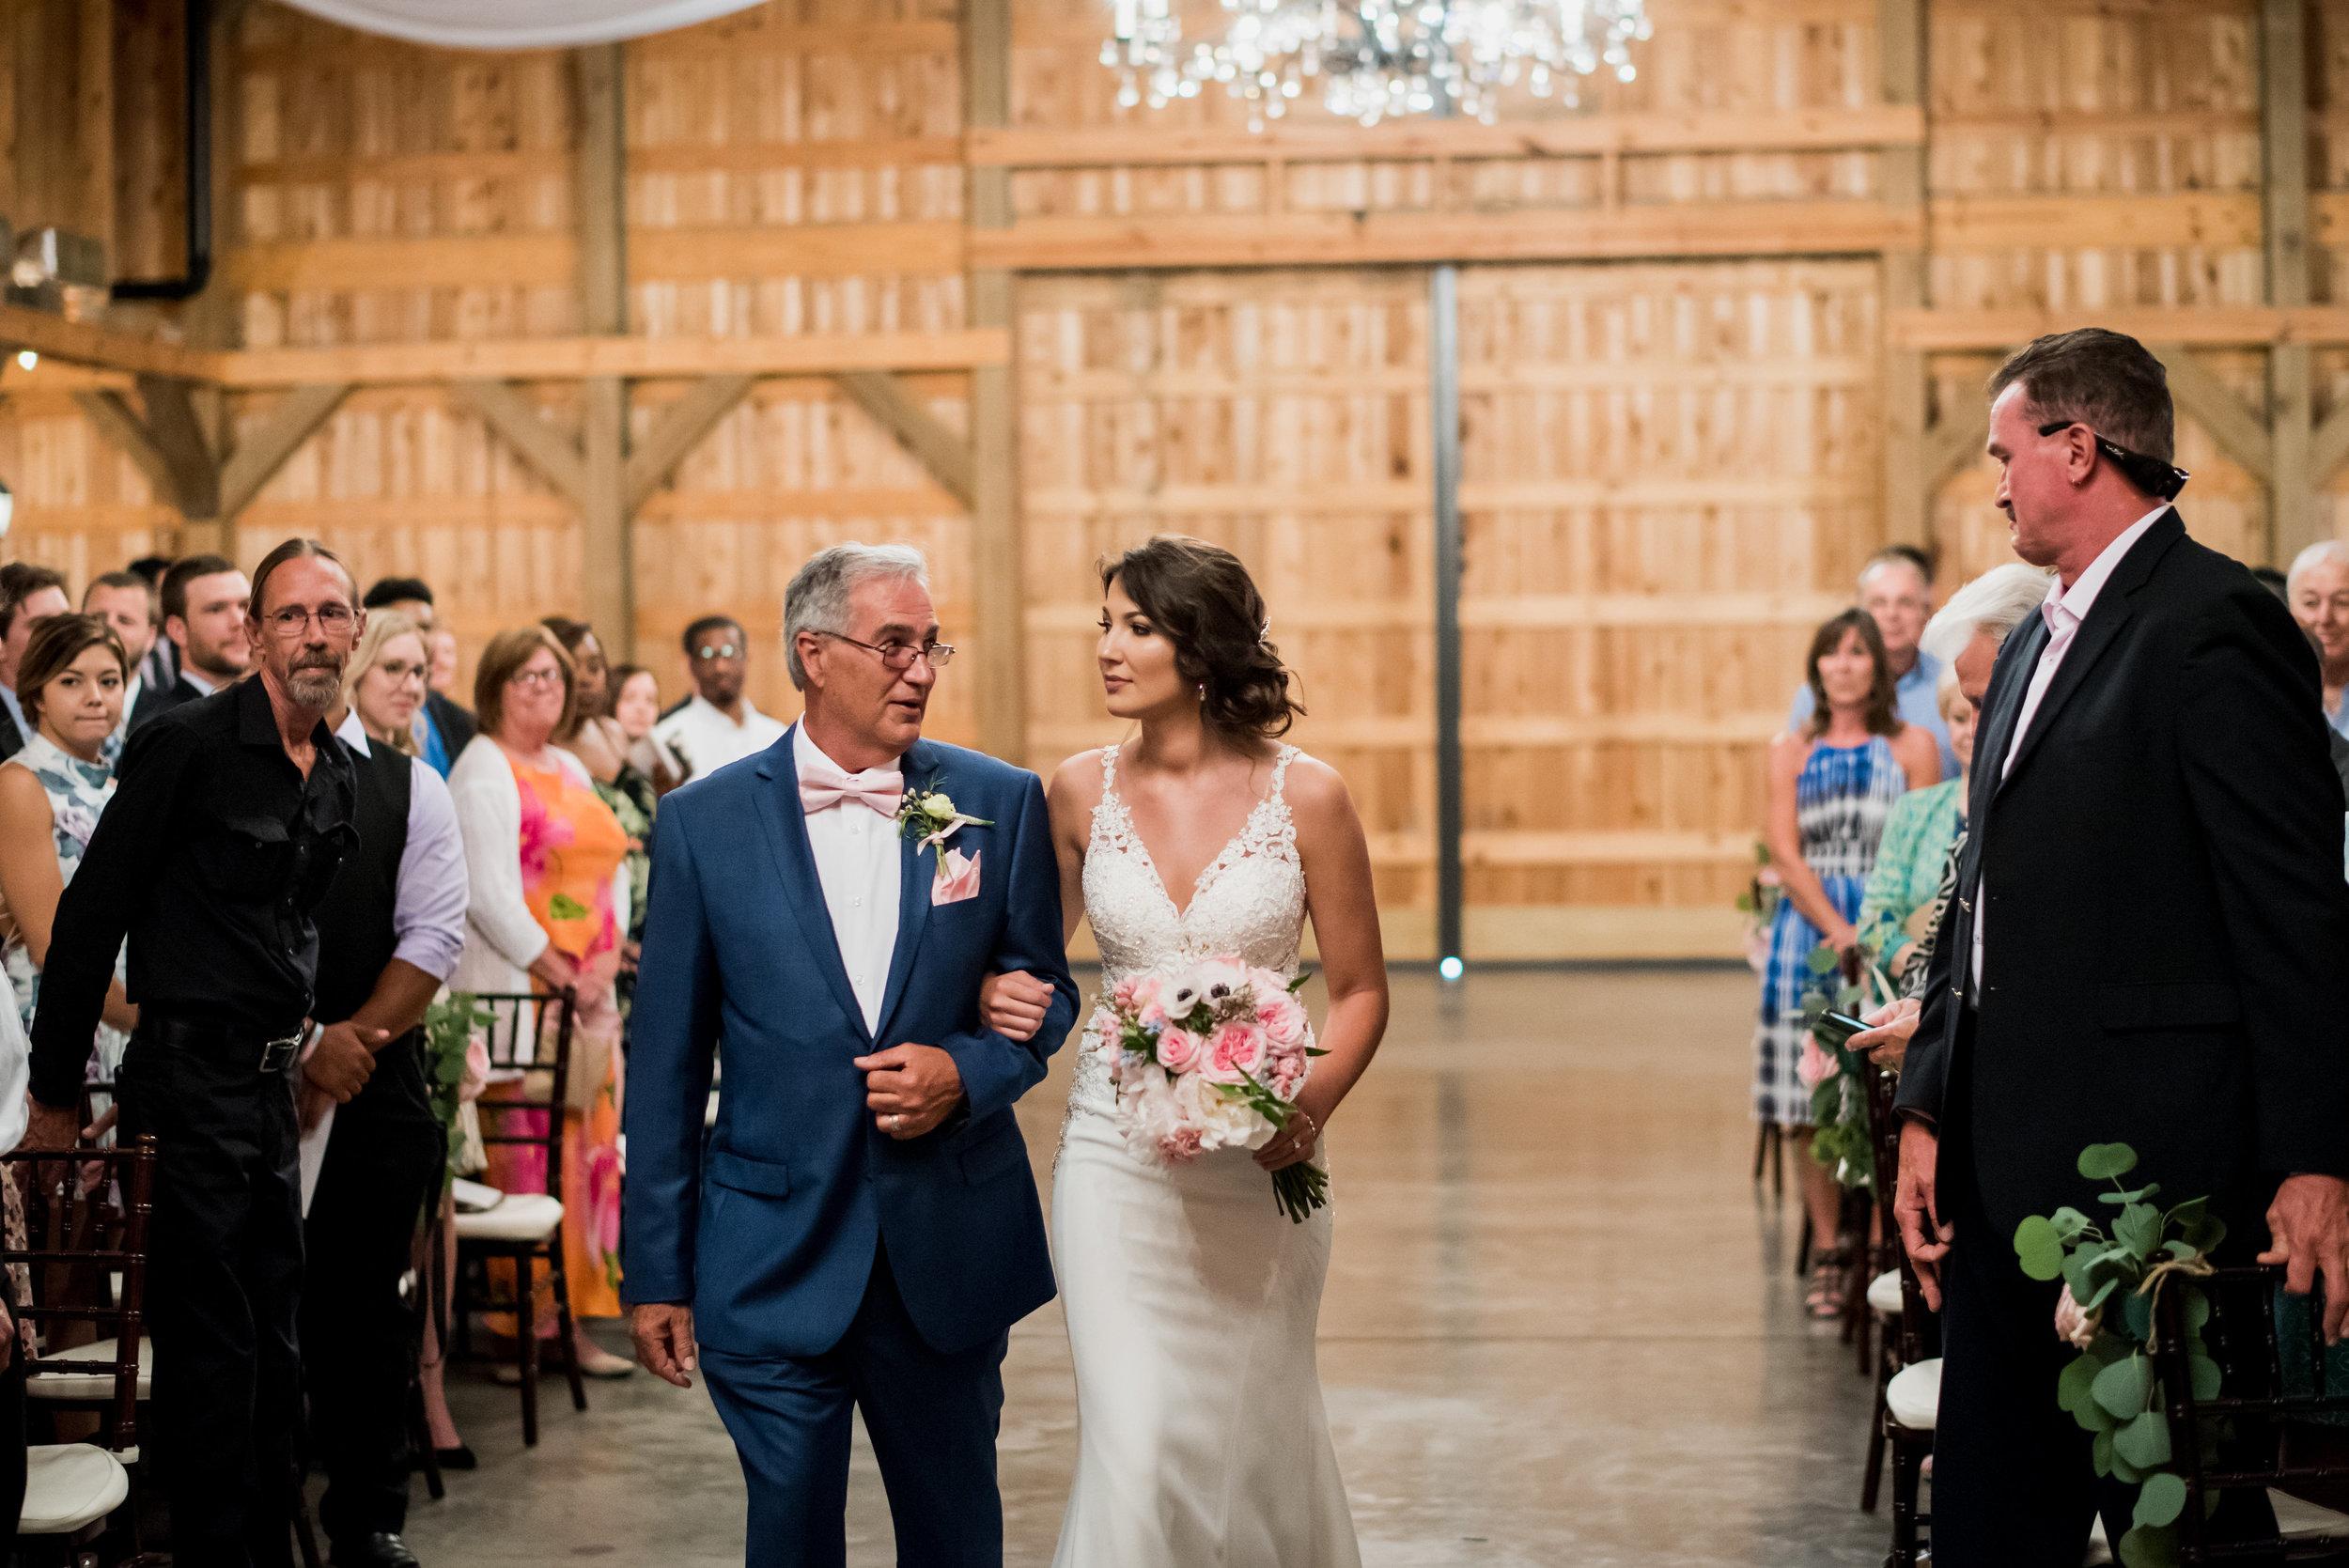 Saddlewood-Farms-Nashville-Wedding-Photographers-399.jpg